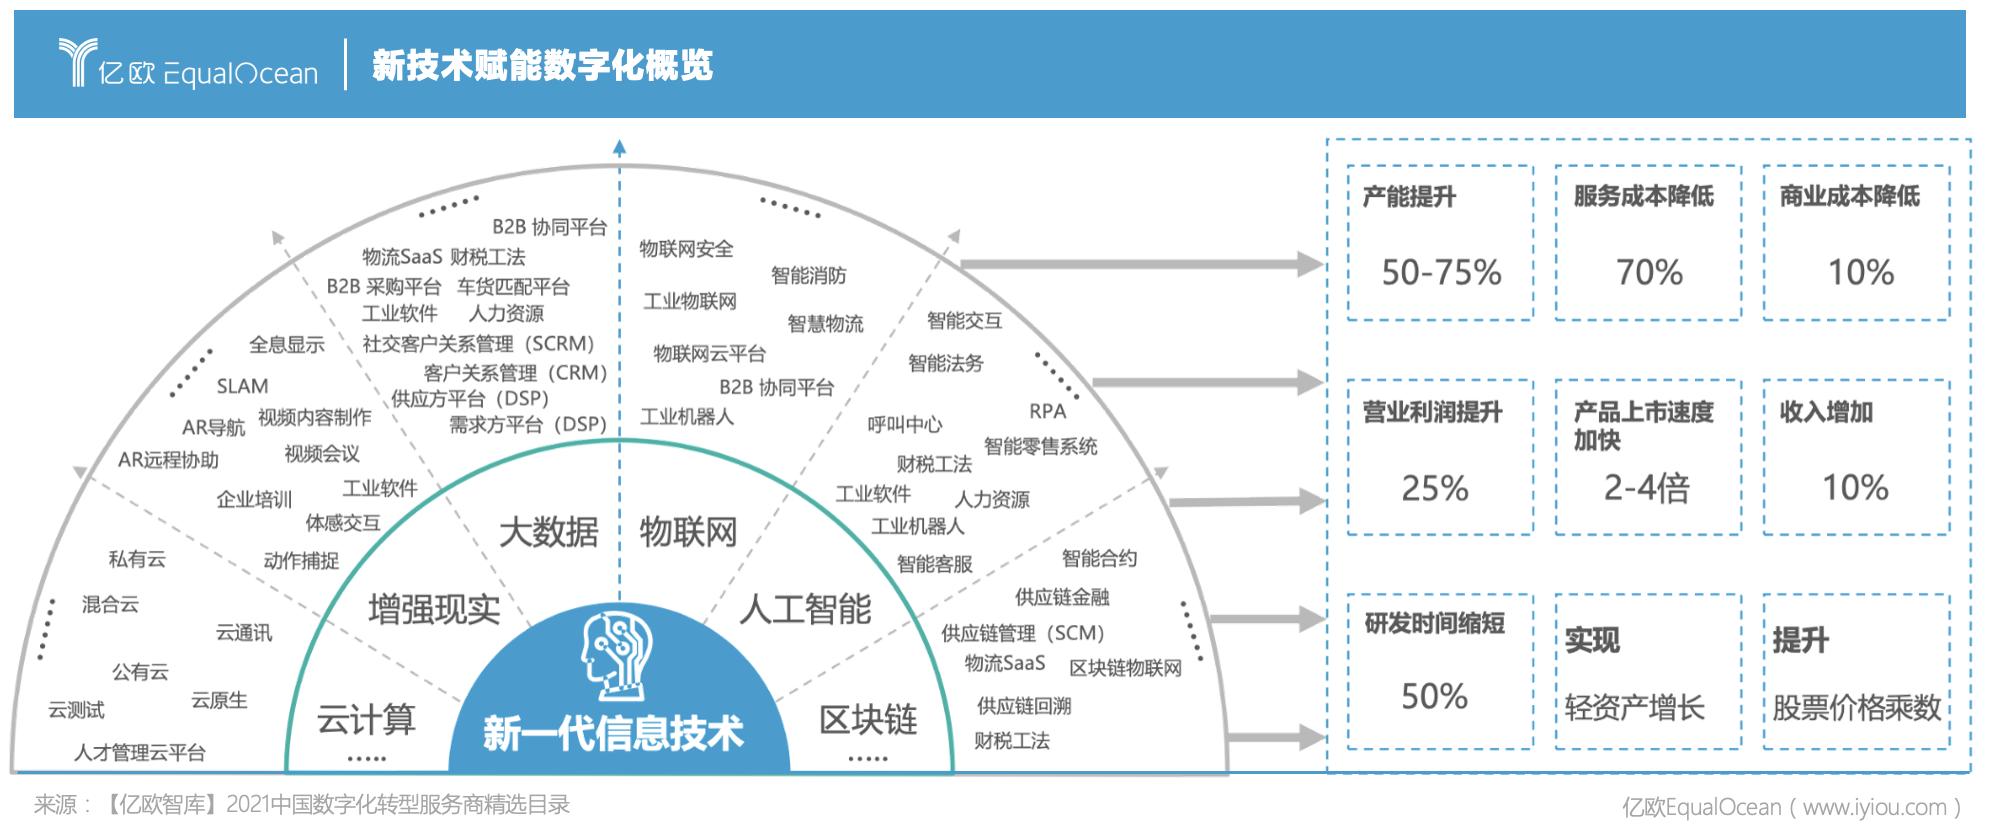 图6.png.png